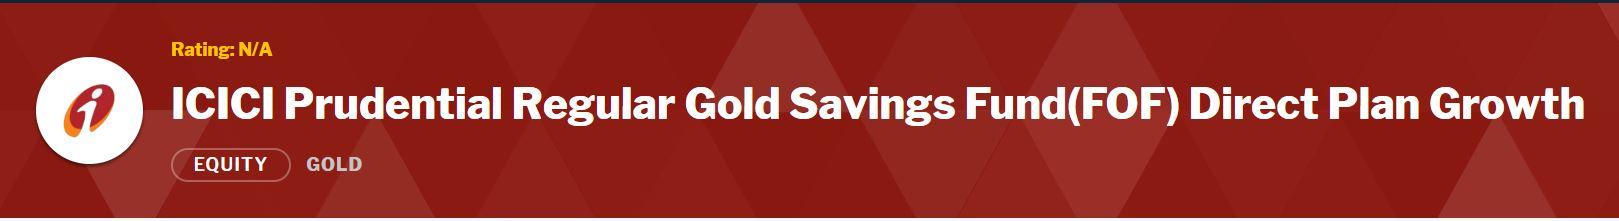 ICICI prudential gold mutual fund